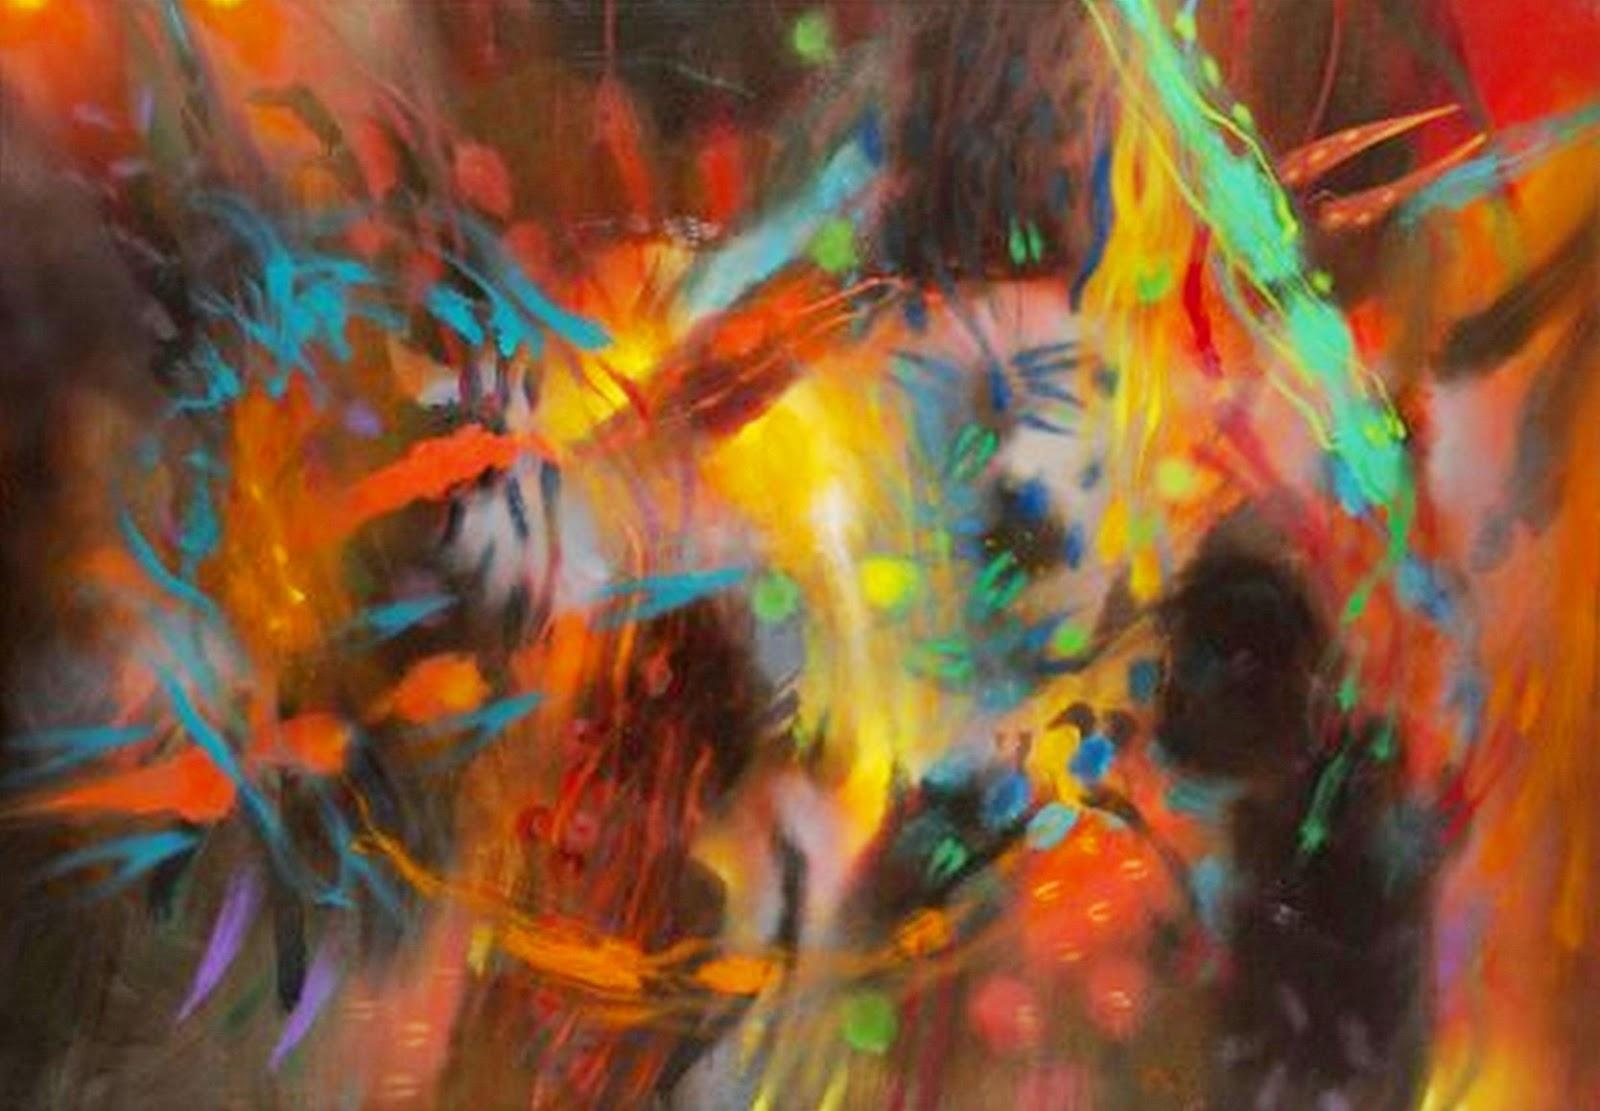 Cuadros pinturas oleos pinturas modernas - Pinturas de pared modernas ...